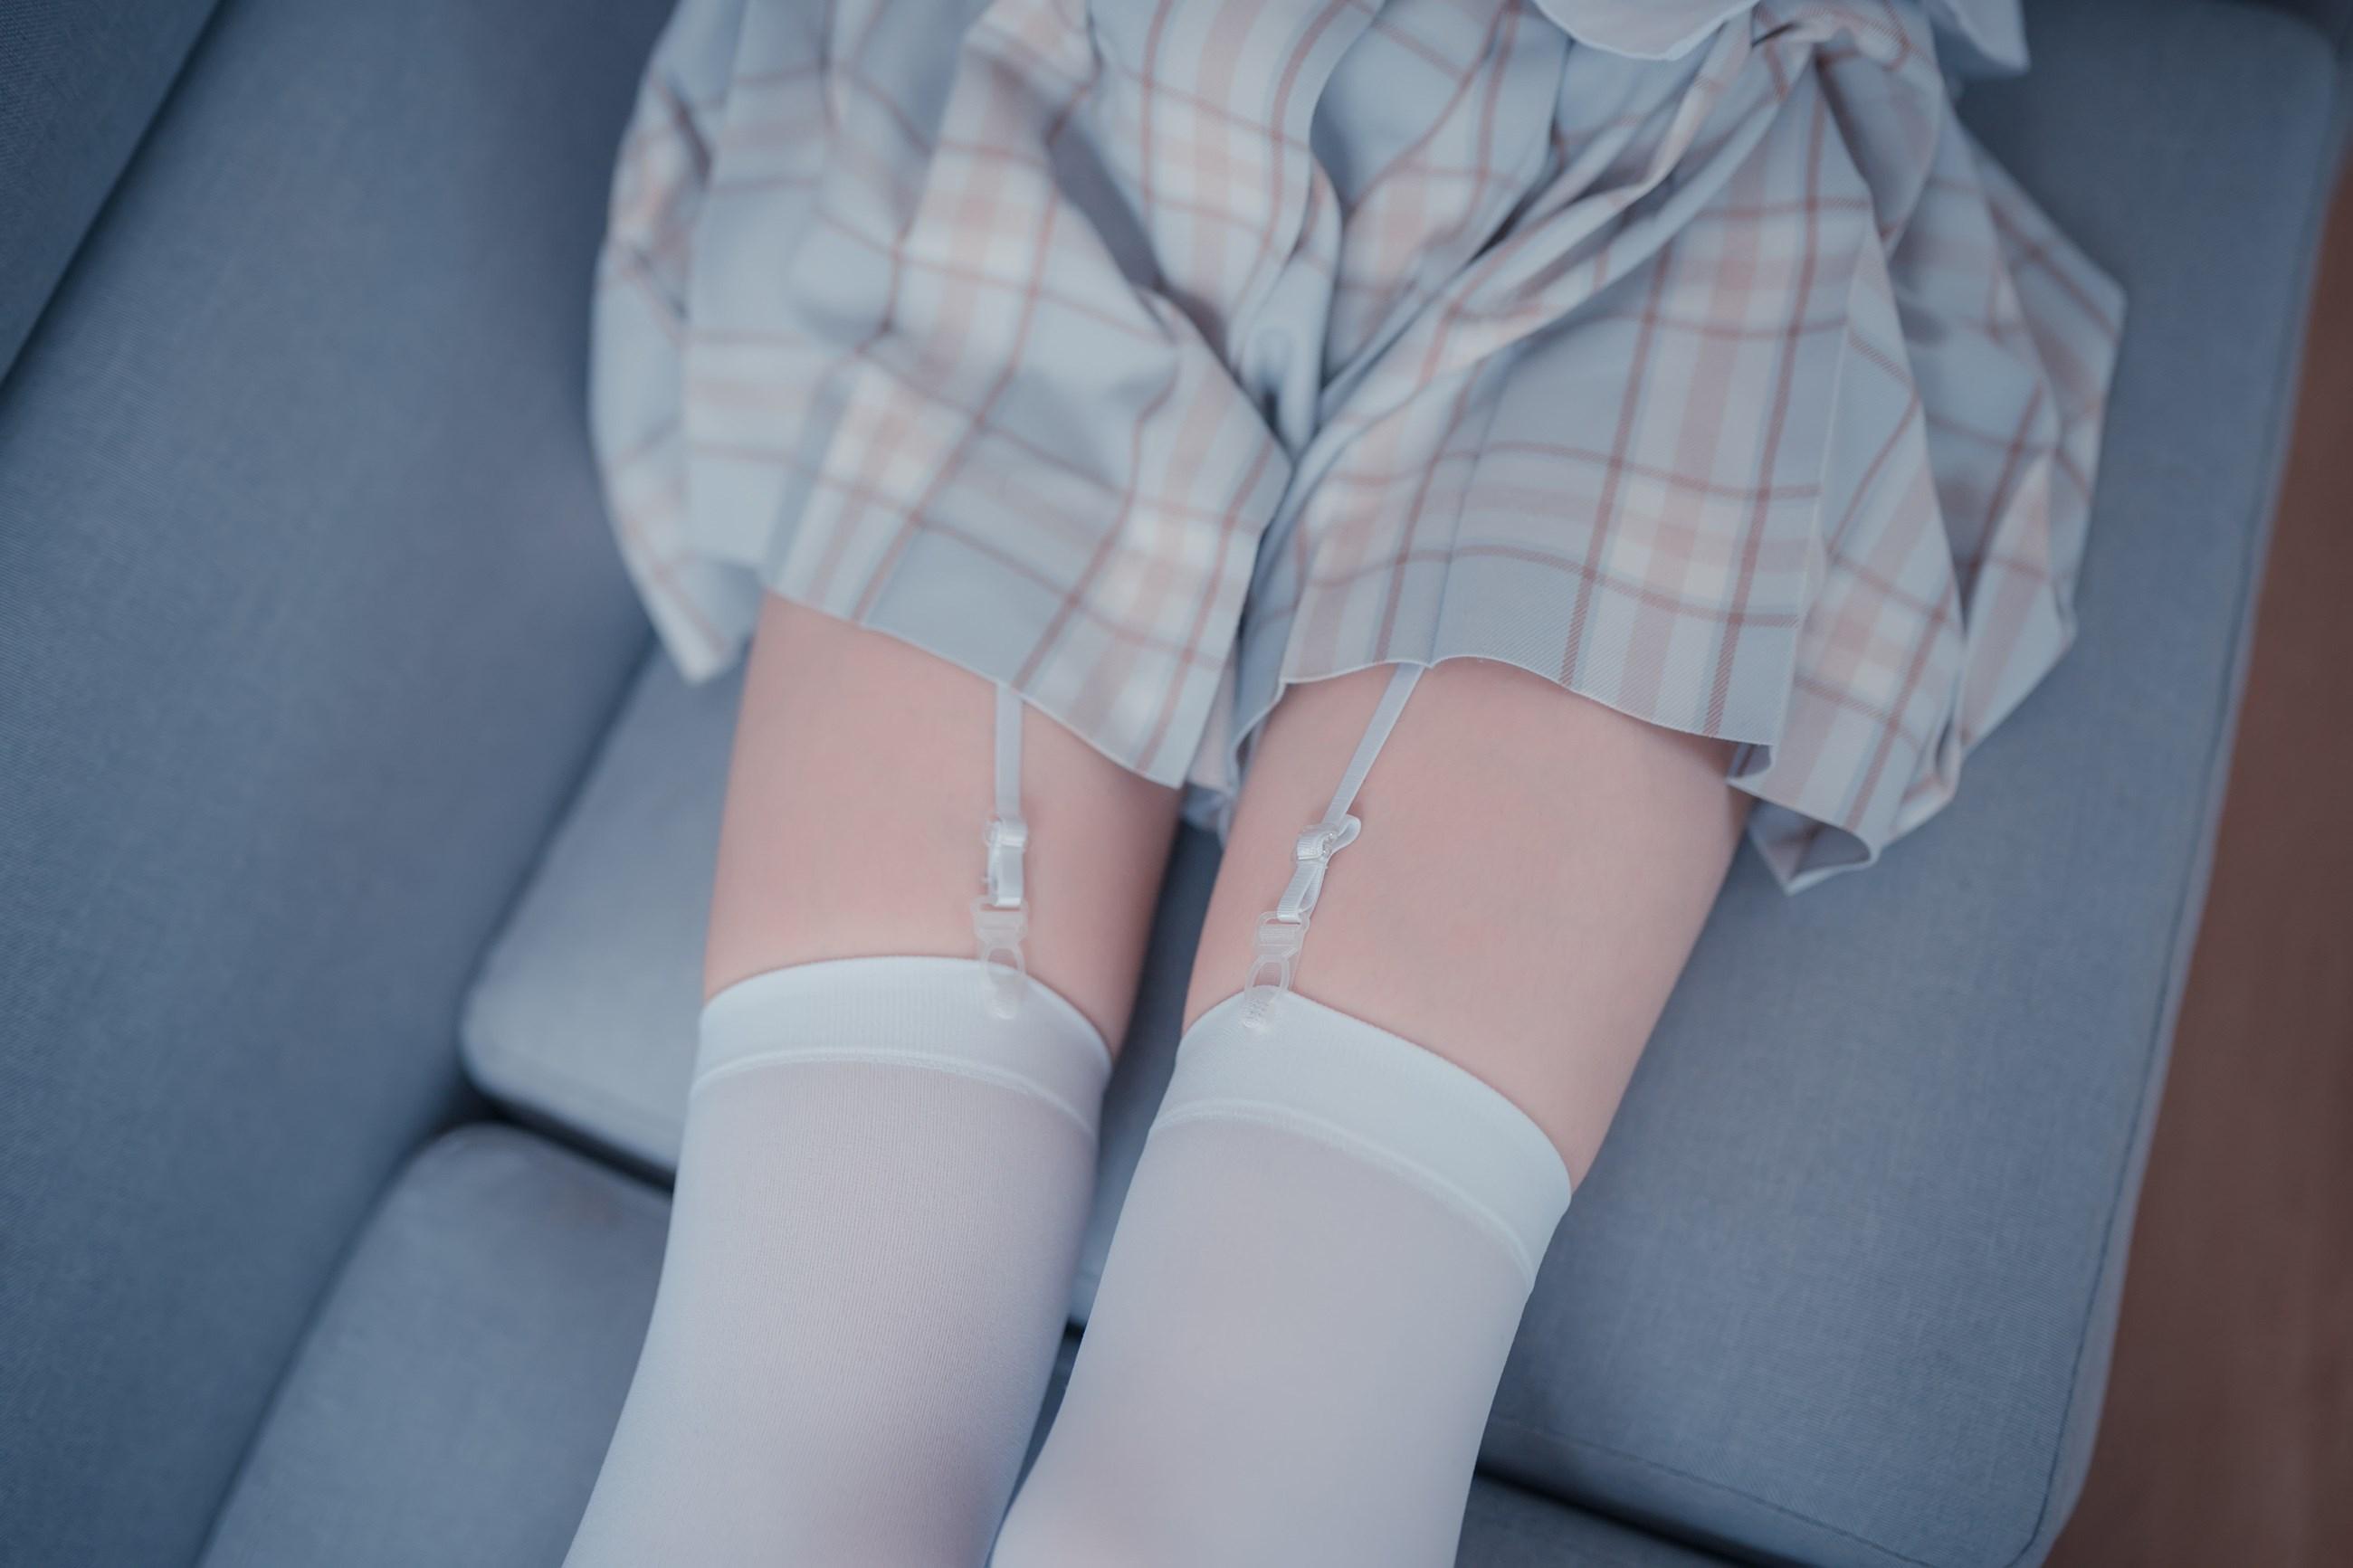 【兔玩映画】沙发上的JK少女 兔玩映画 第41张